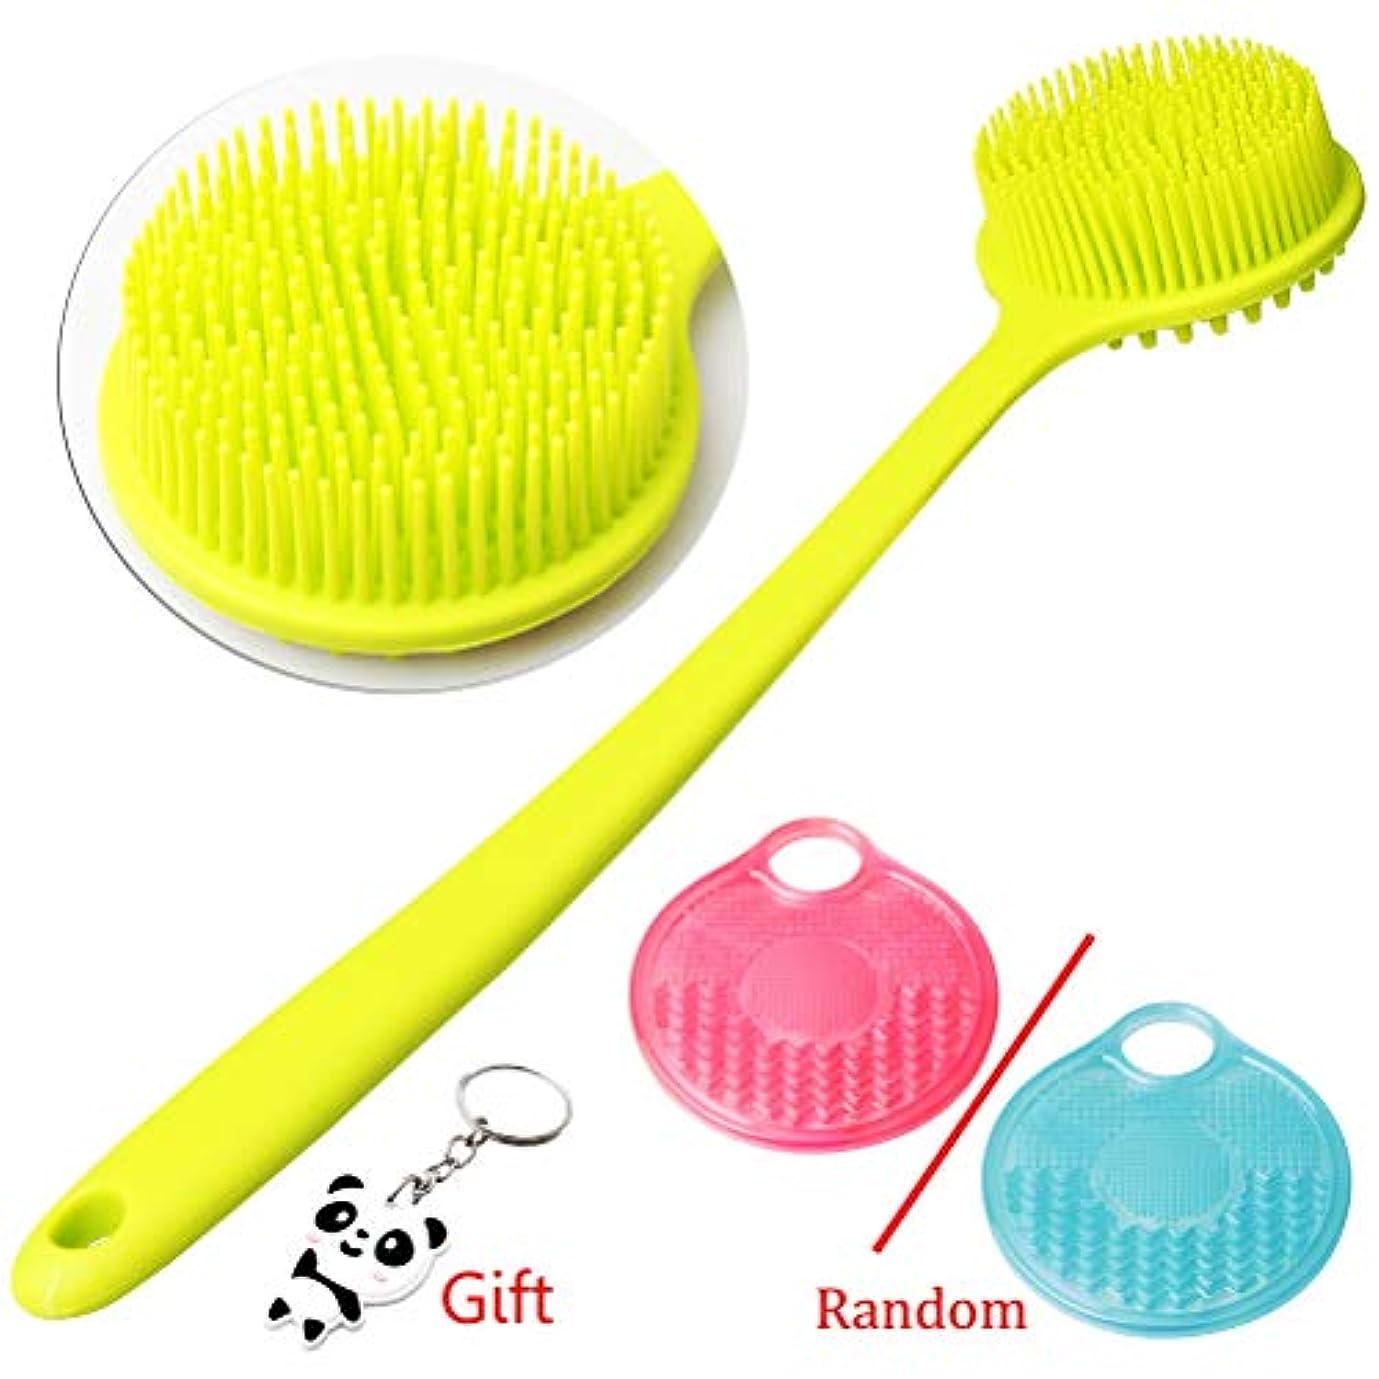 等々曲線擬人ボディブラシ 体洗いブラシ 2個セット シャワーブラシ 血行促進 角質除去 美肌効果 お風呂用 シリコン製 グリーンとピンク